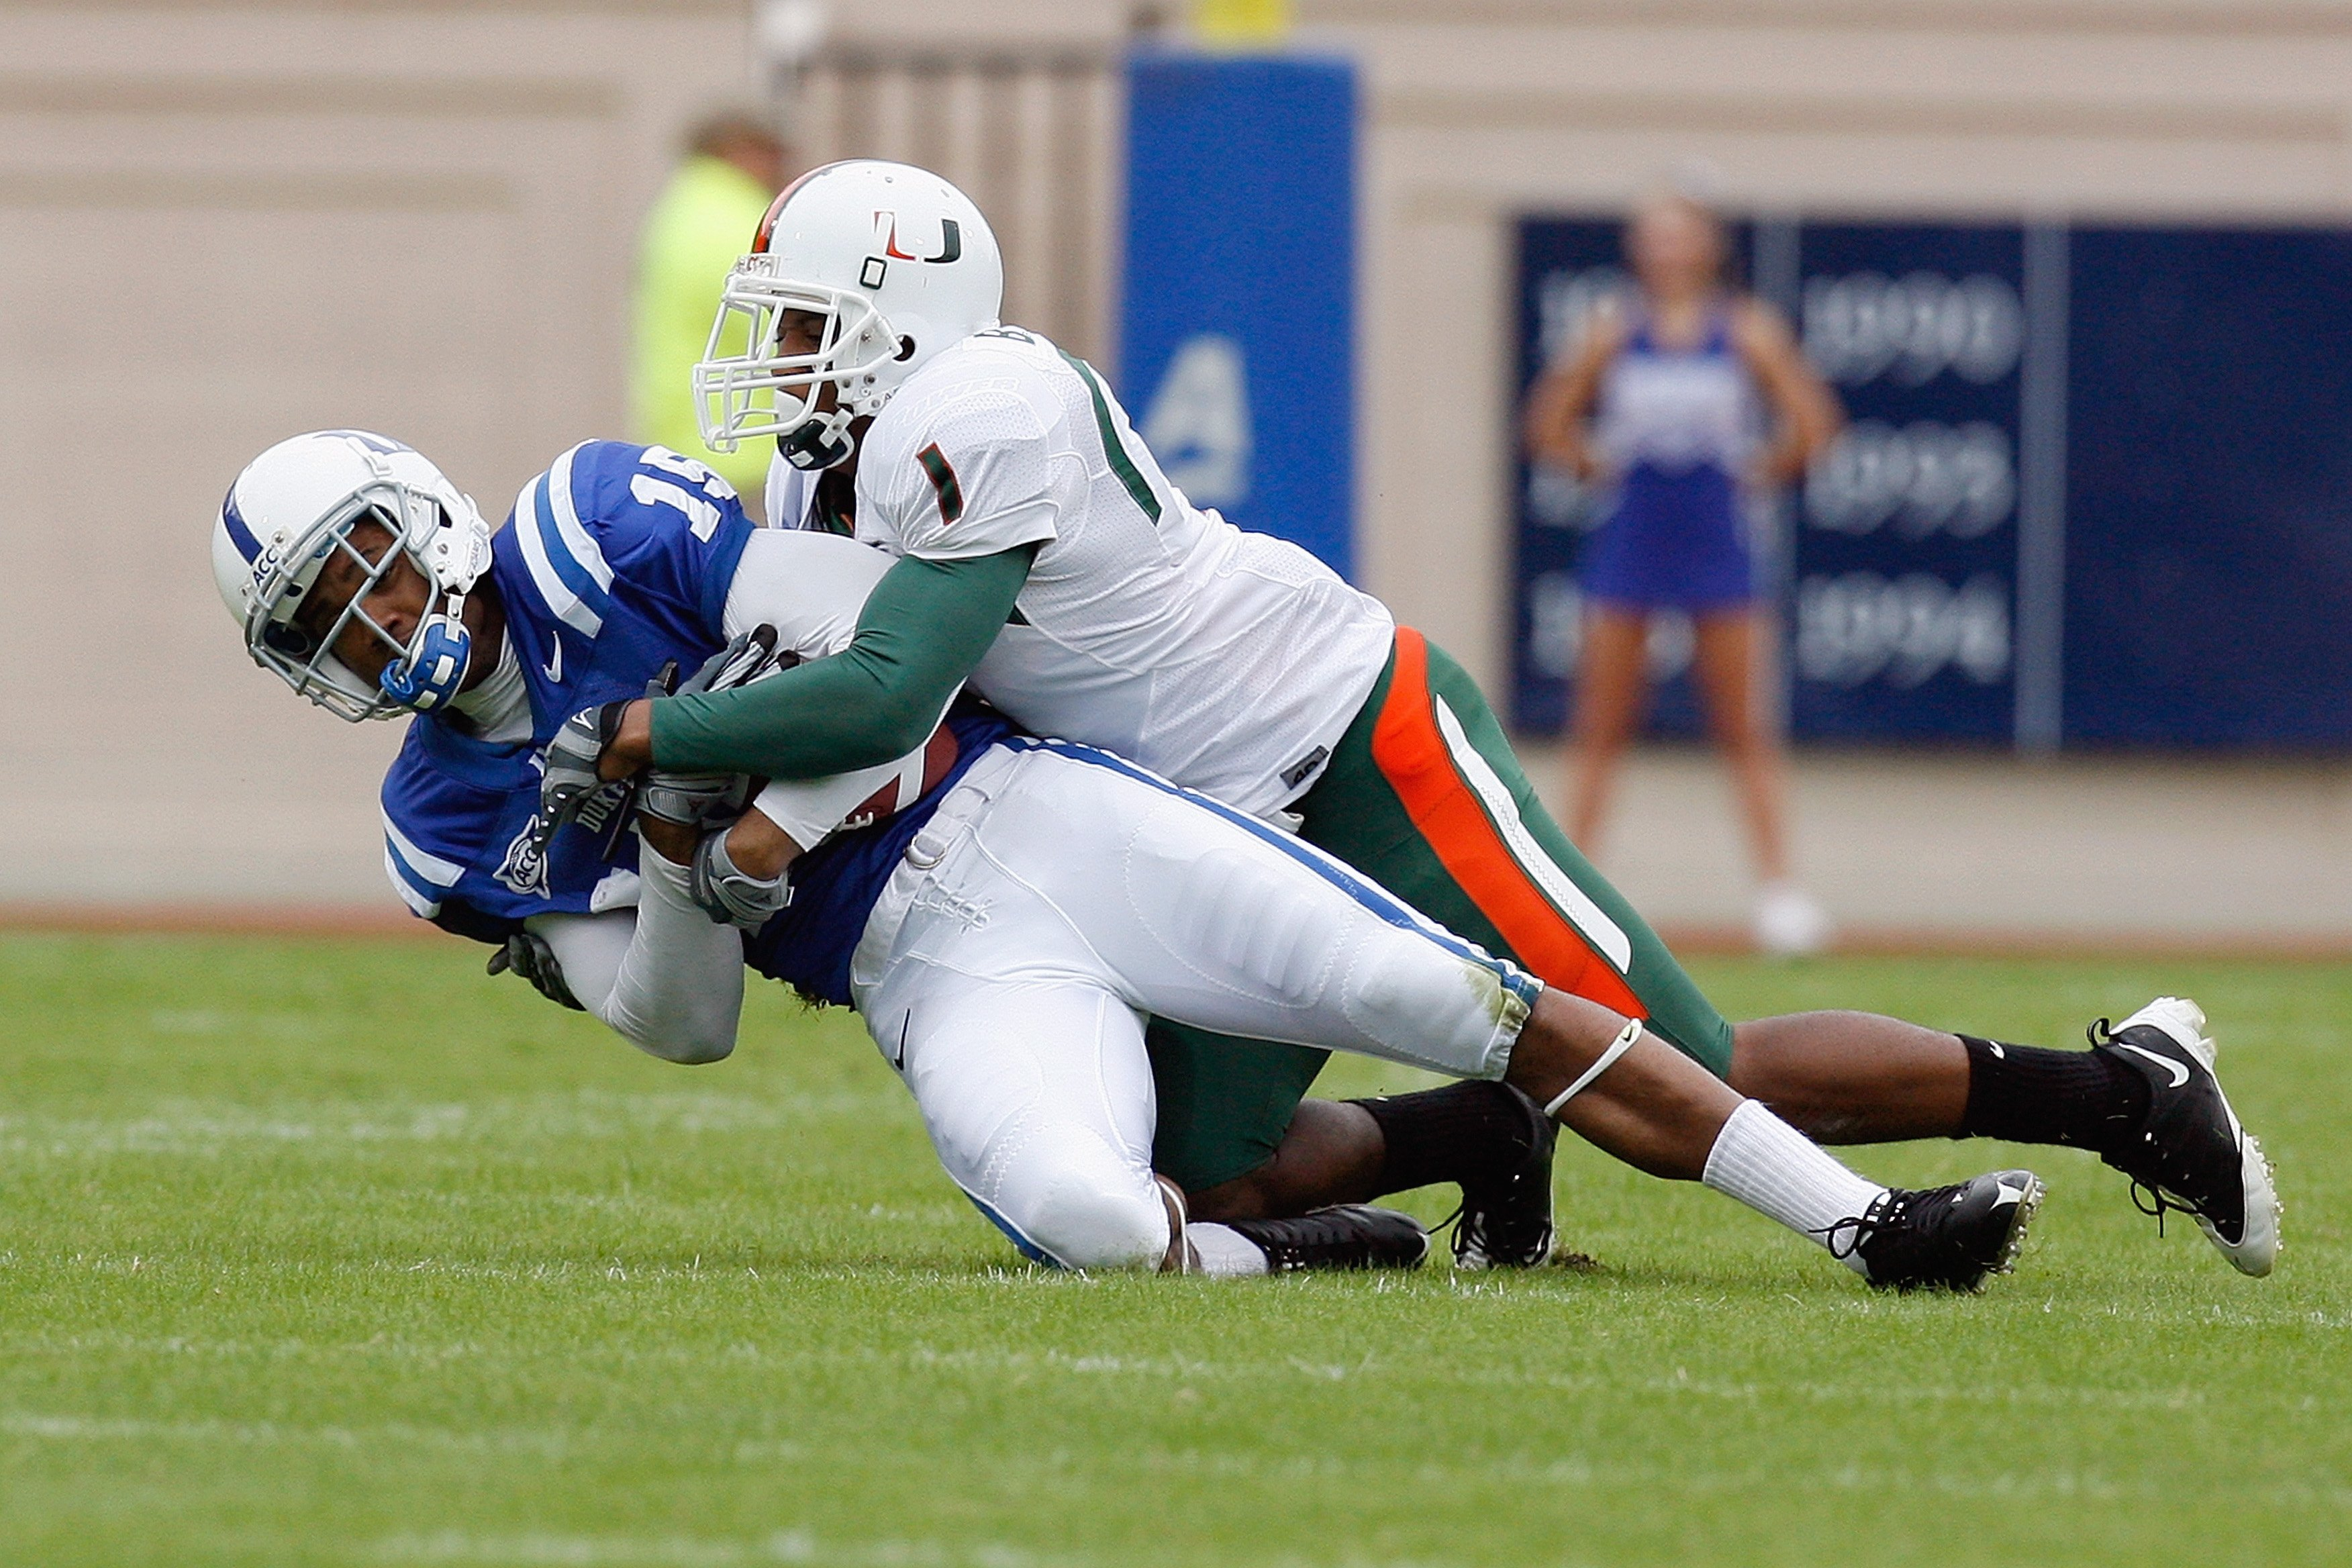 Miami CB Brandon Harris